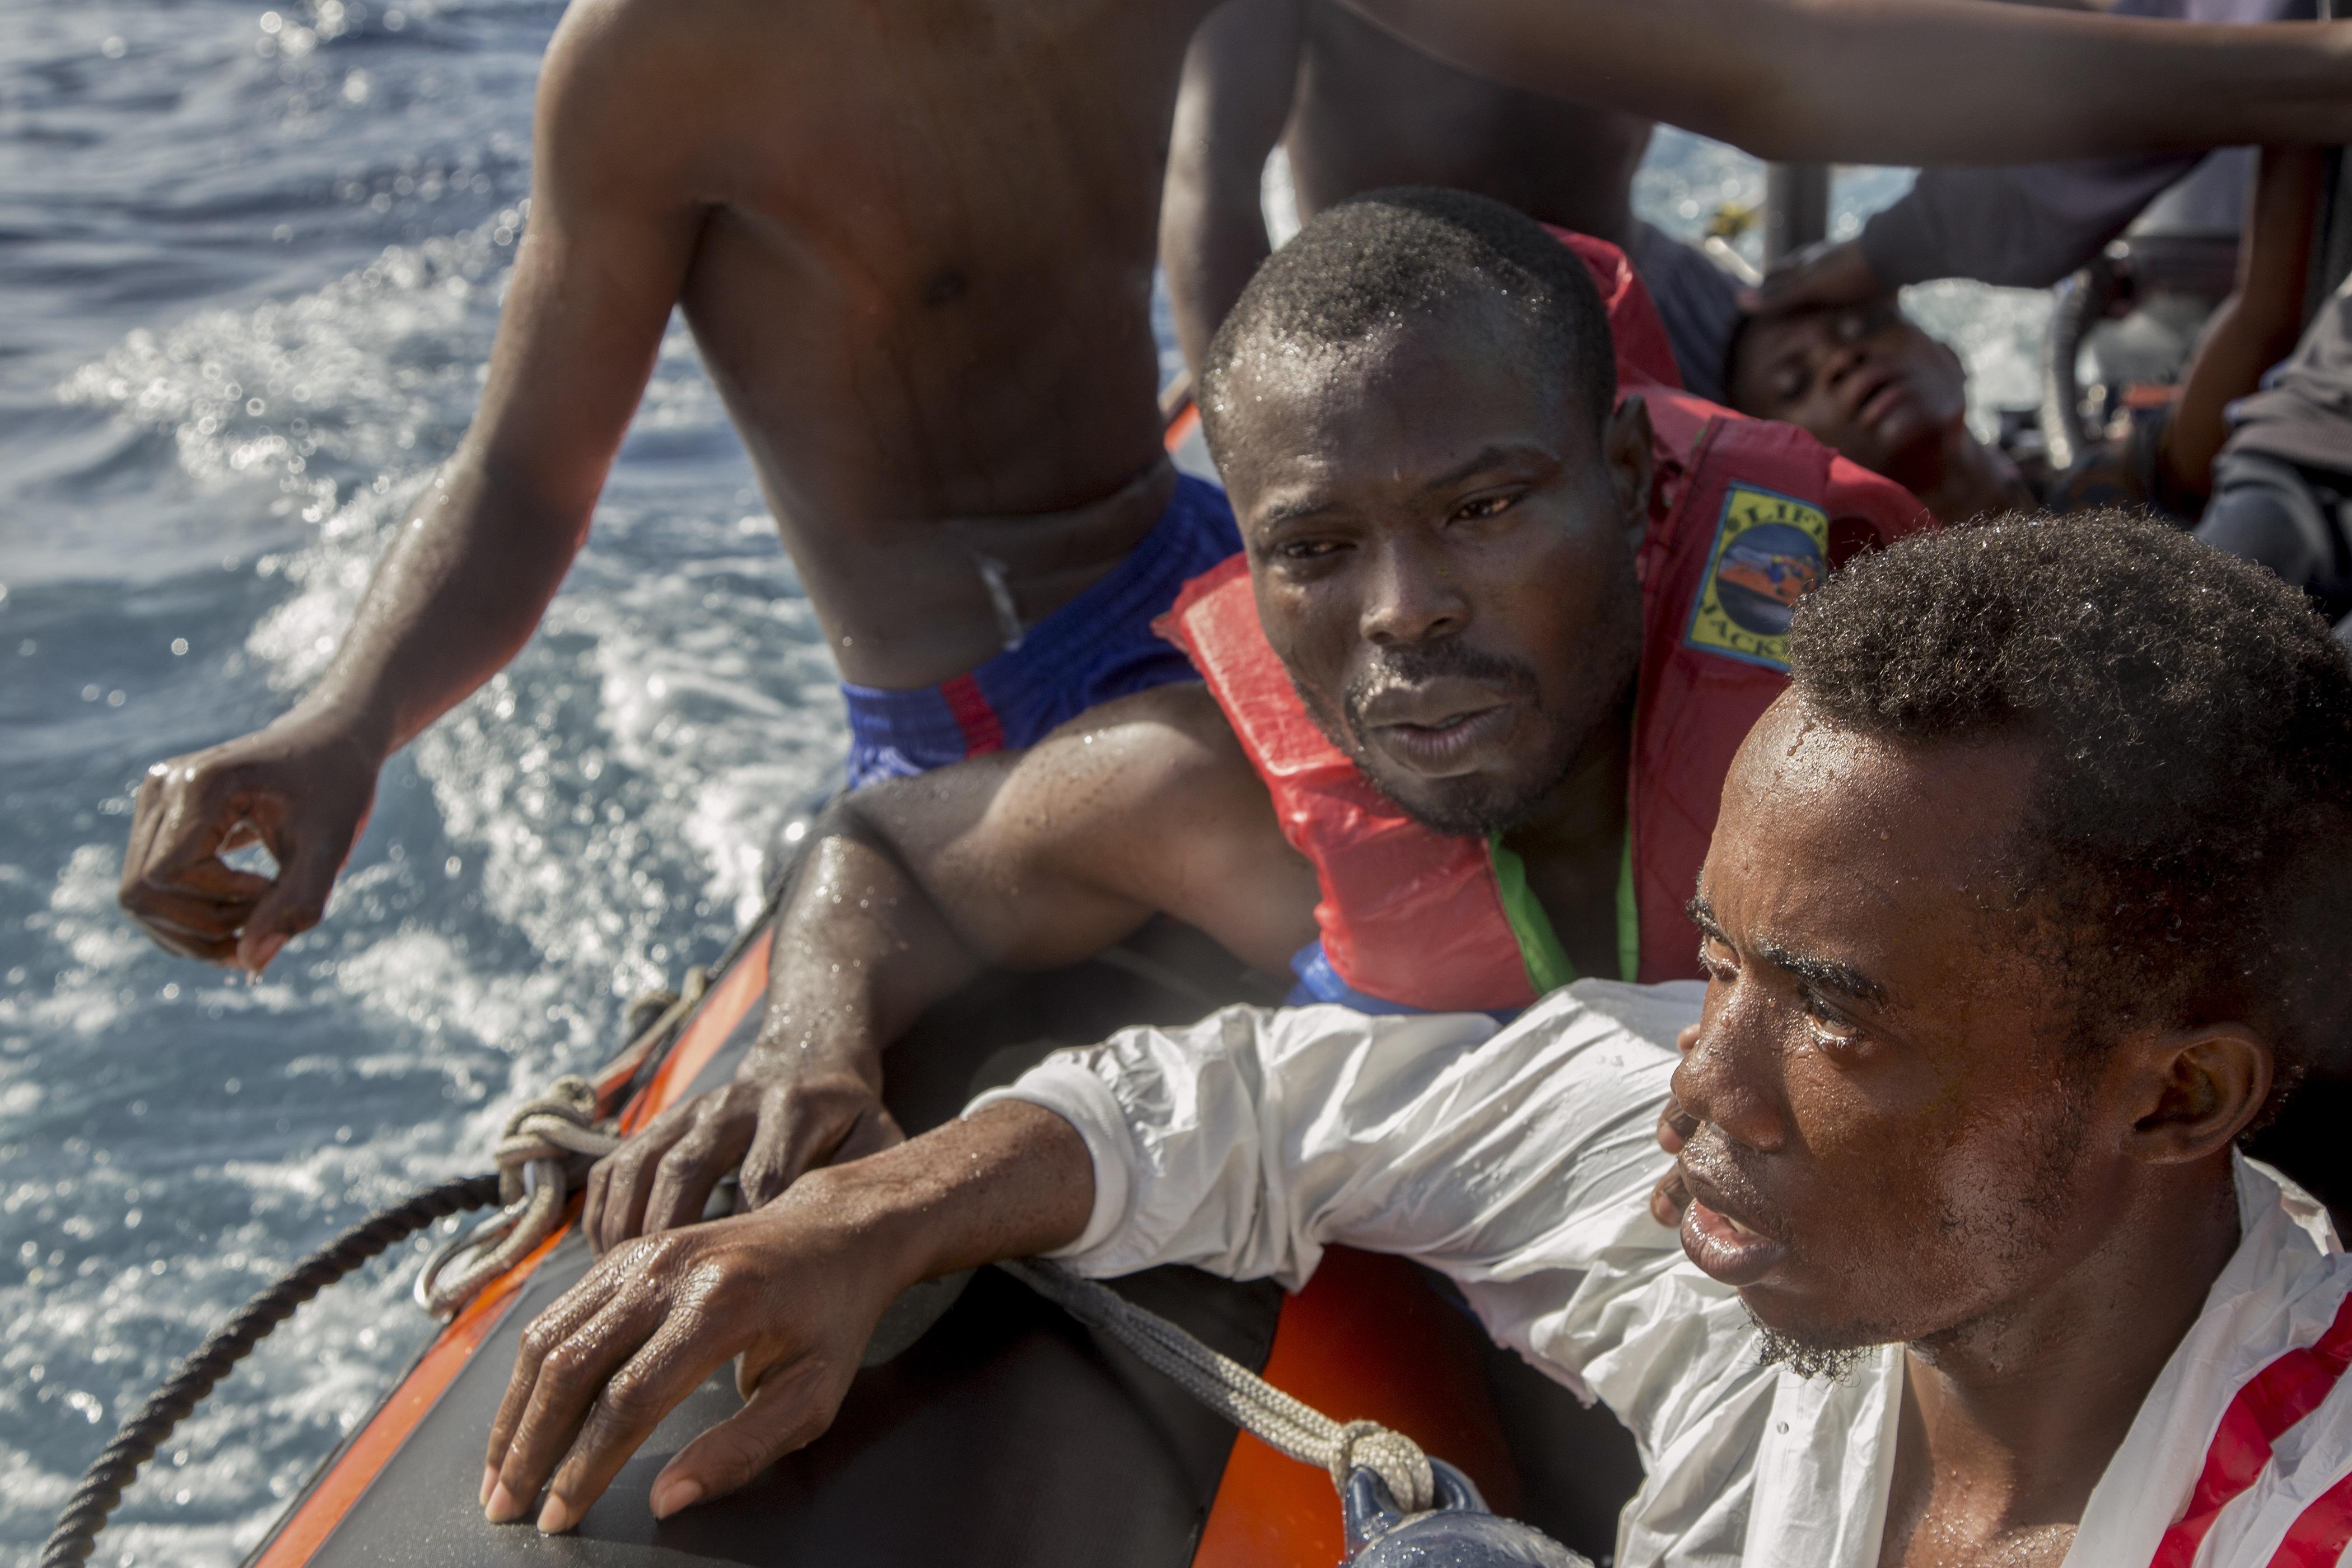 Migranti, naufragio al largo delle coste libiche: almeno 25 morti